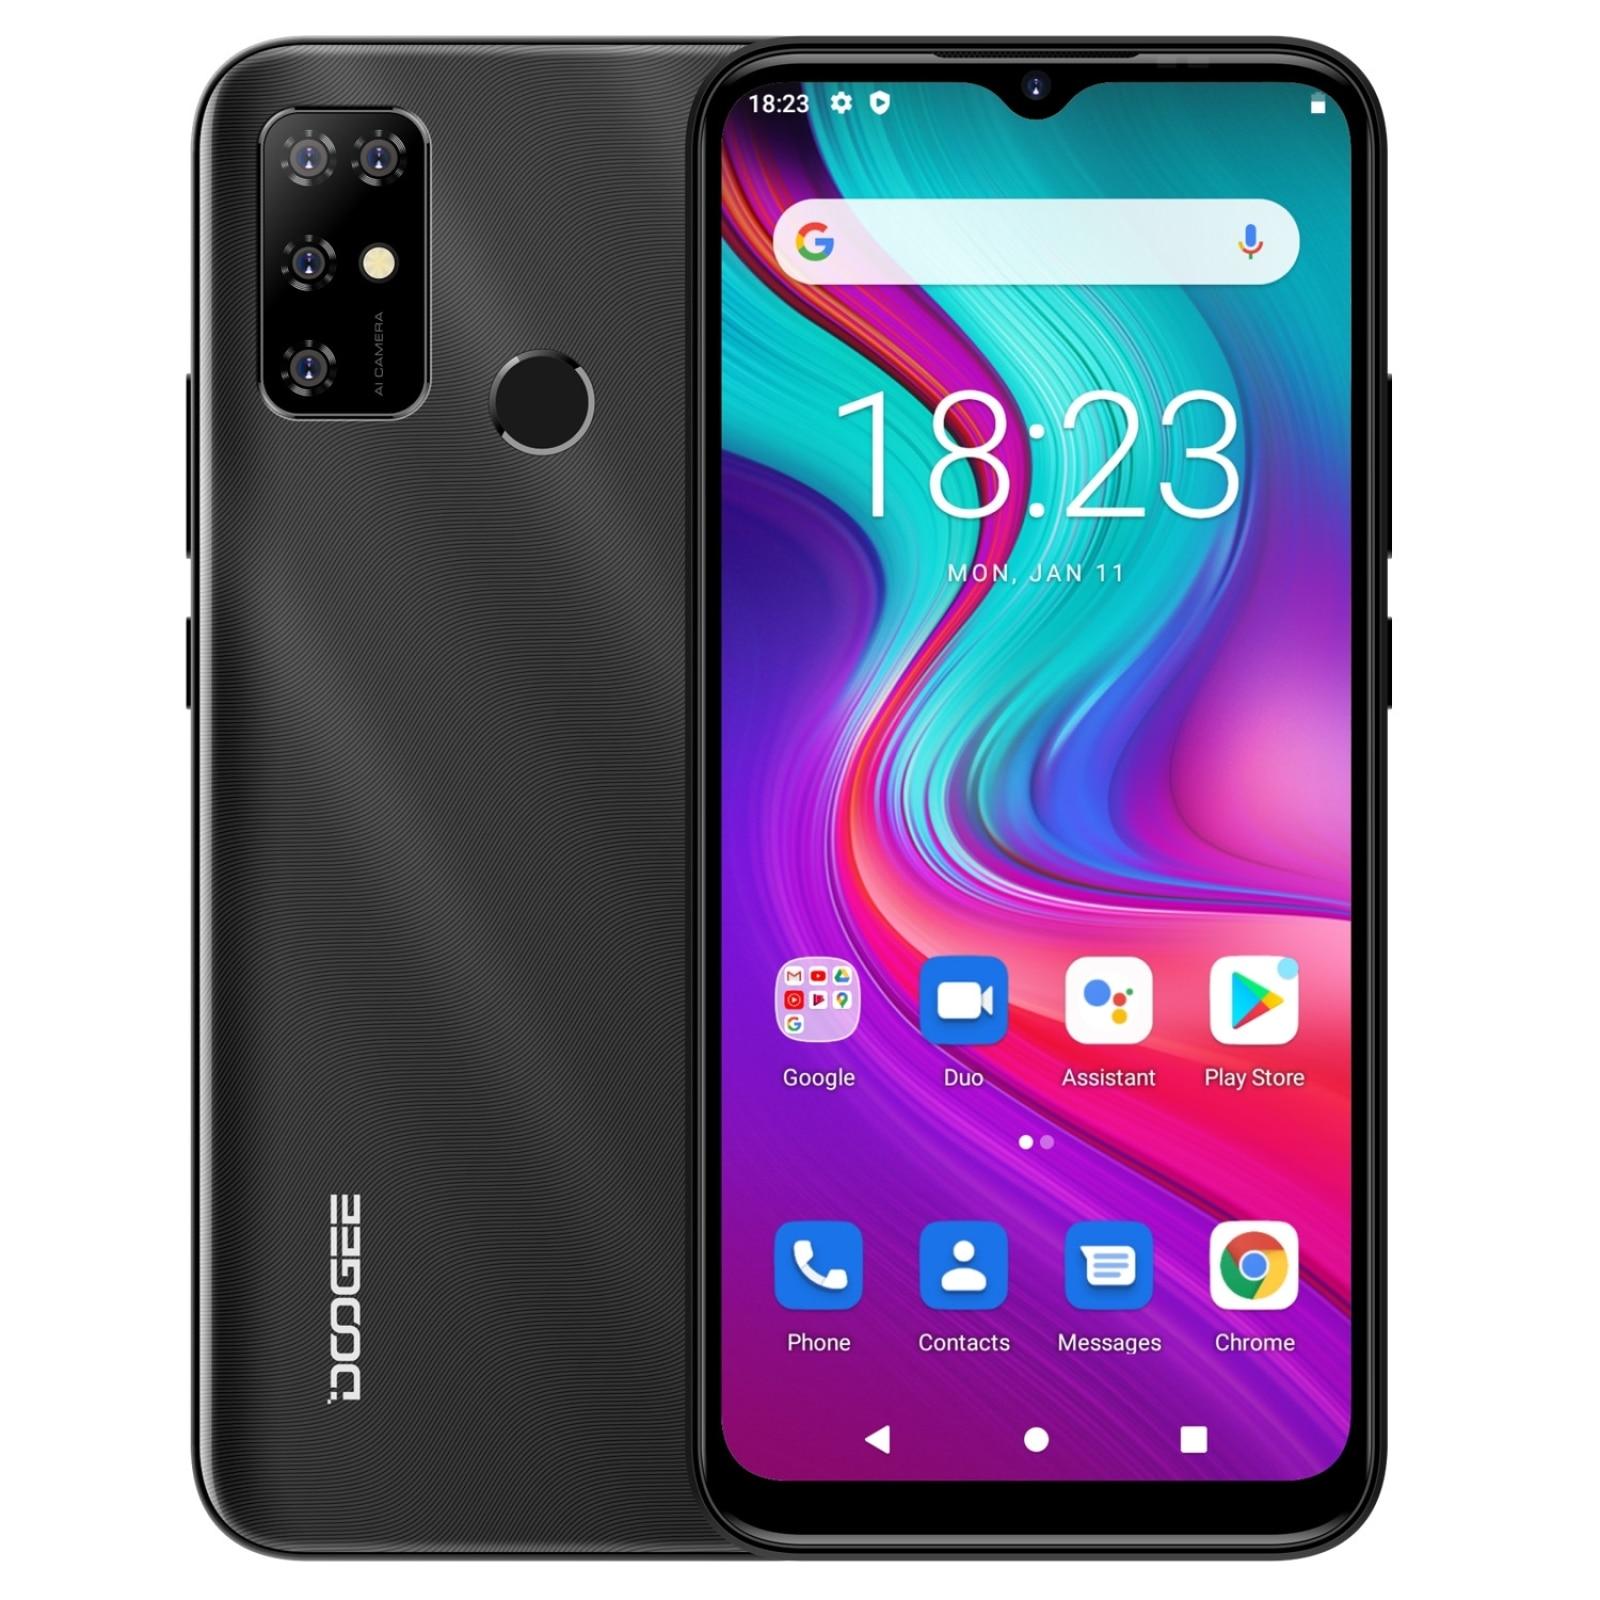 Перейти на Алиэкспресс и купить Смартфон DOOGEE X96 Pro, 6,52 дюйма, 4 + 64 ГБ, 8 ядер, 1,6 ГГц, Android 11, 5400 мАч